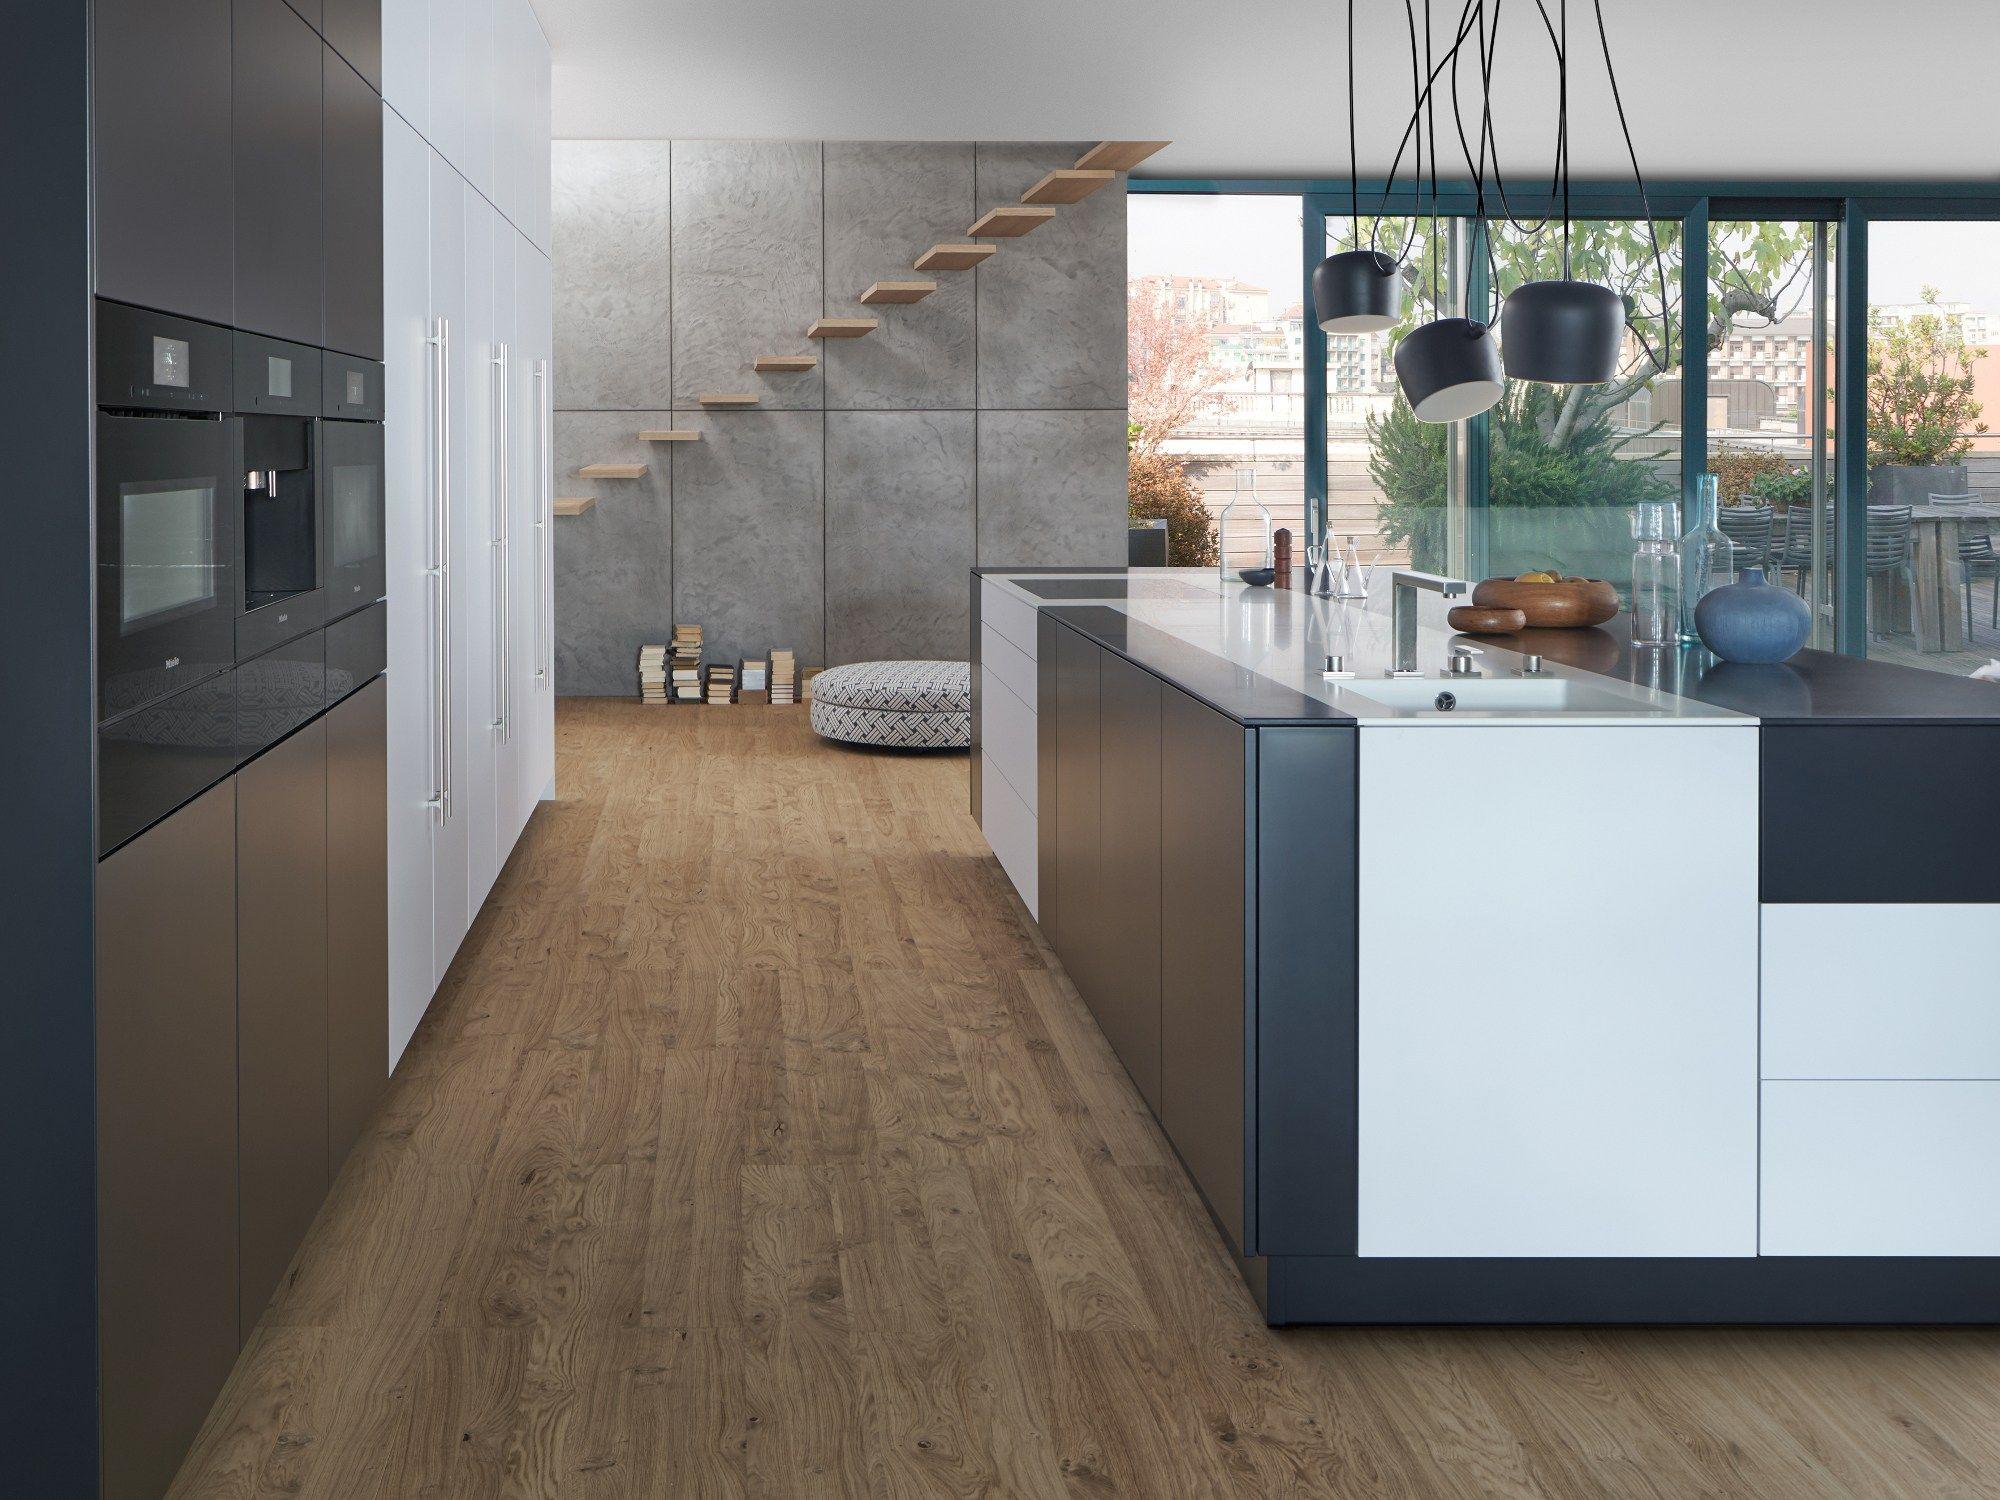 leicht küchen : küchenbilder in der küchengalerie. küchen | marken ...